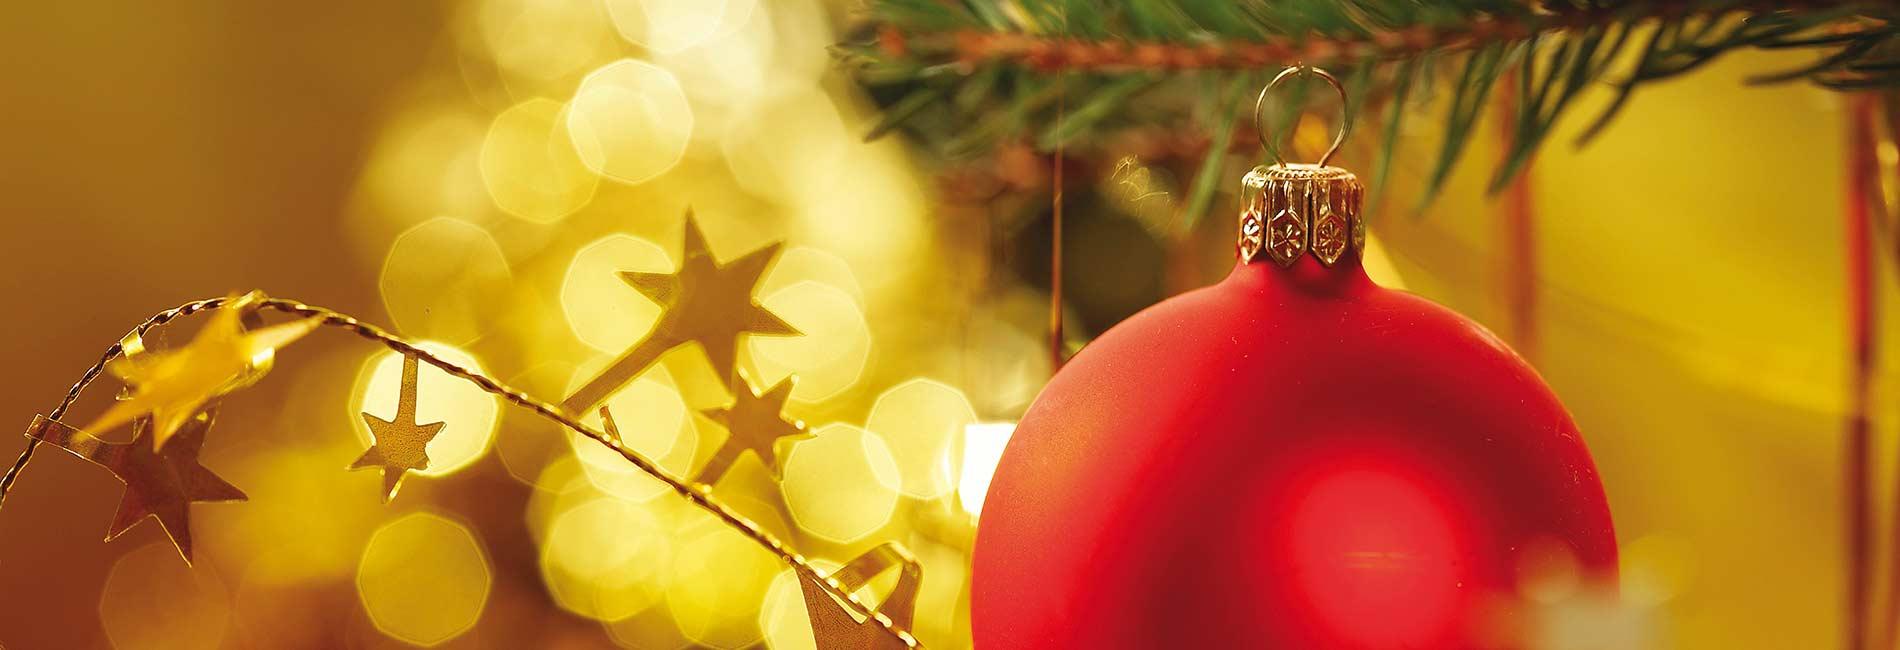 Weihnachten im Stubaital Hotel Almhof Danler Hotel in Neustift Stubaital Tirol